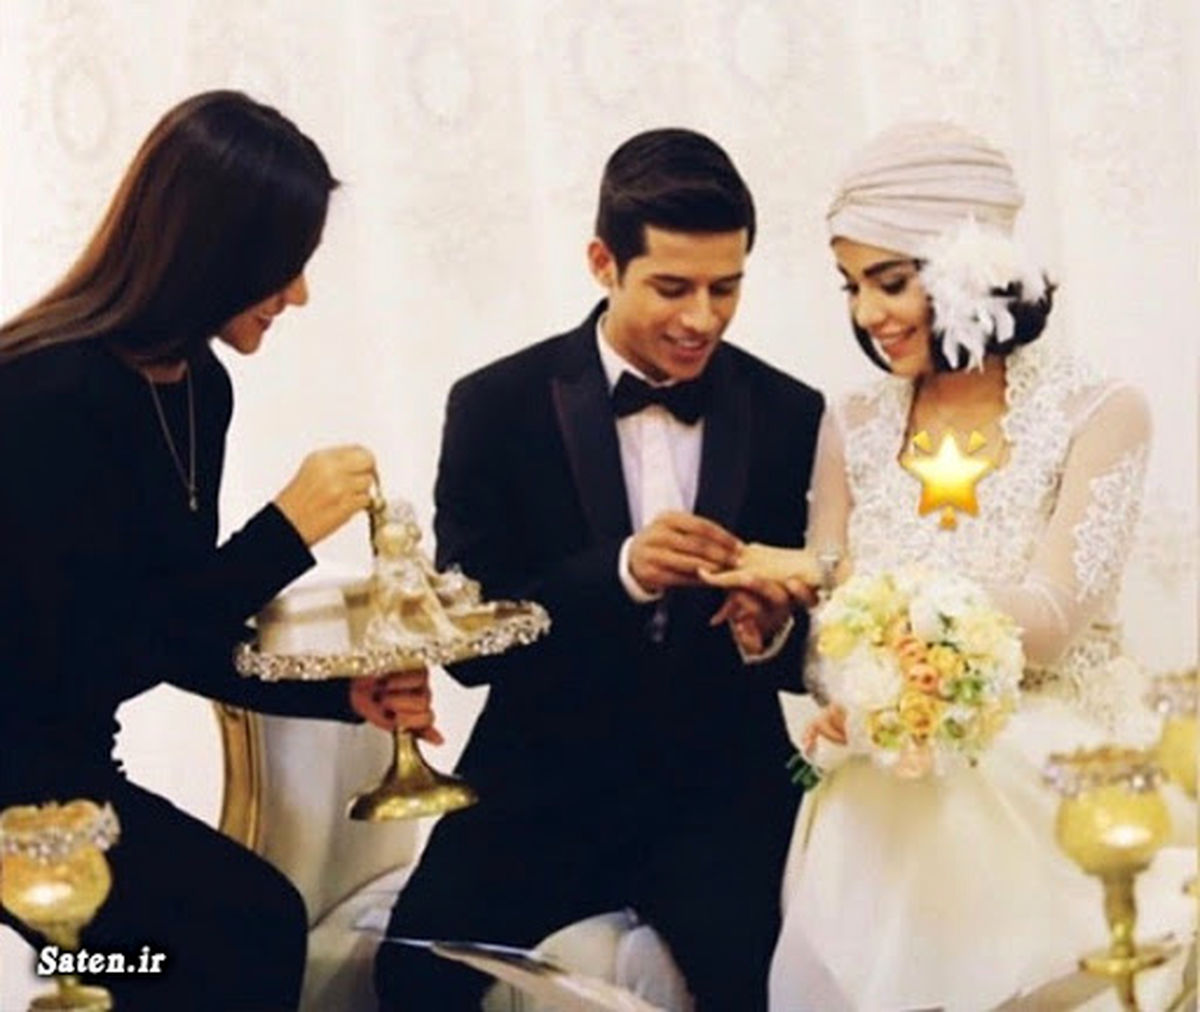 مهدی قائدی و همسرش در مهمانی شبانه روی کشتی + عکس